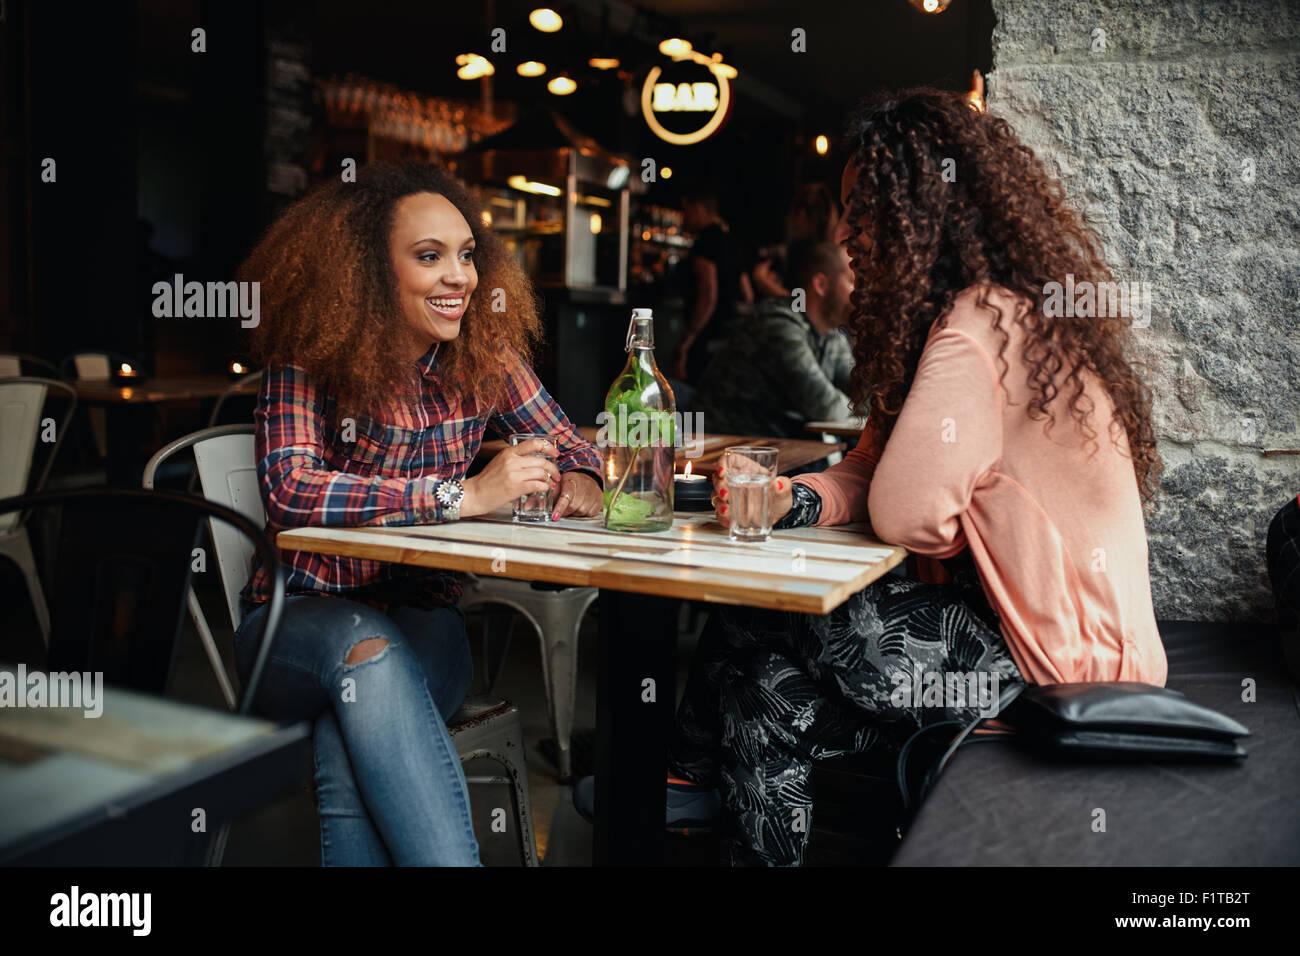 Dos jóvenes mujeres hablando sentados en un restaurante. Mujer Africana sonriente y conversando con una amiga Imagen De Stock